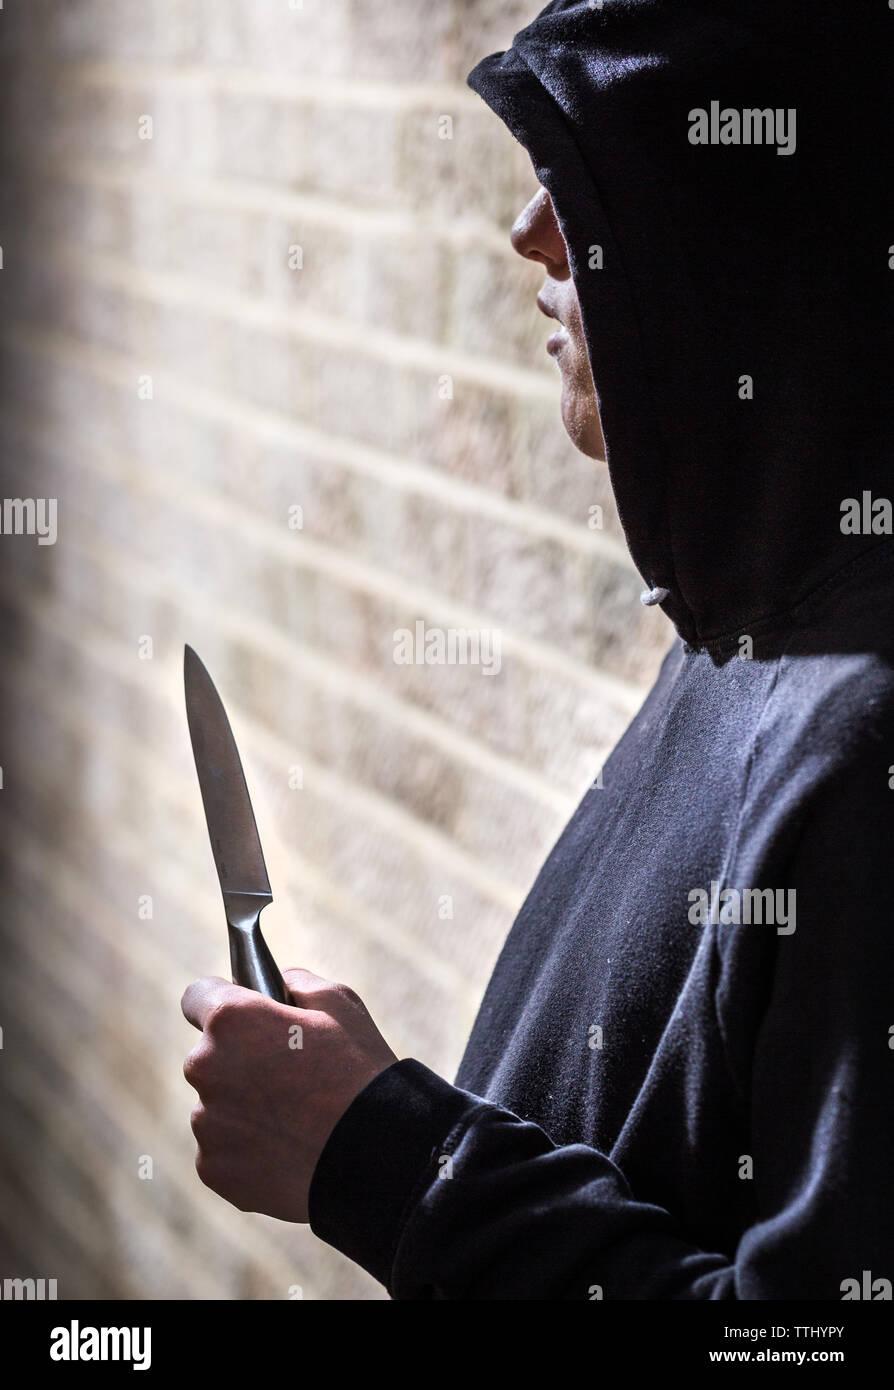 Taglierini, adolescente in una felpa con cappuccio che porta un coltello su strada nel Regno Unito Immagini Stock